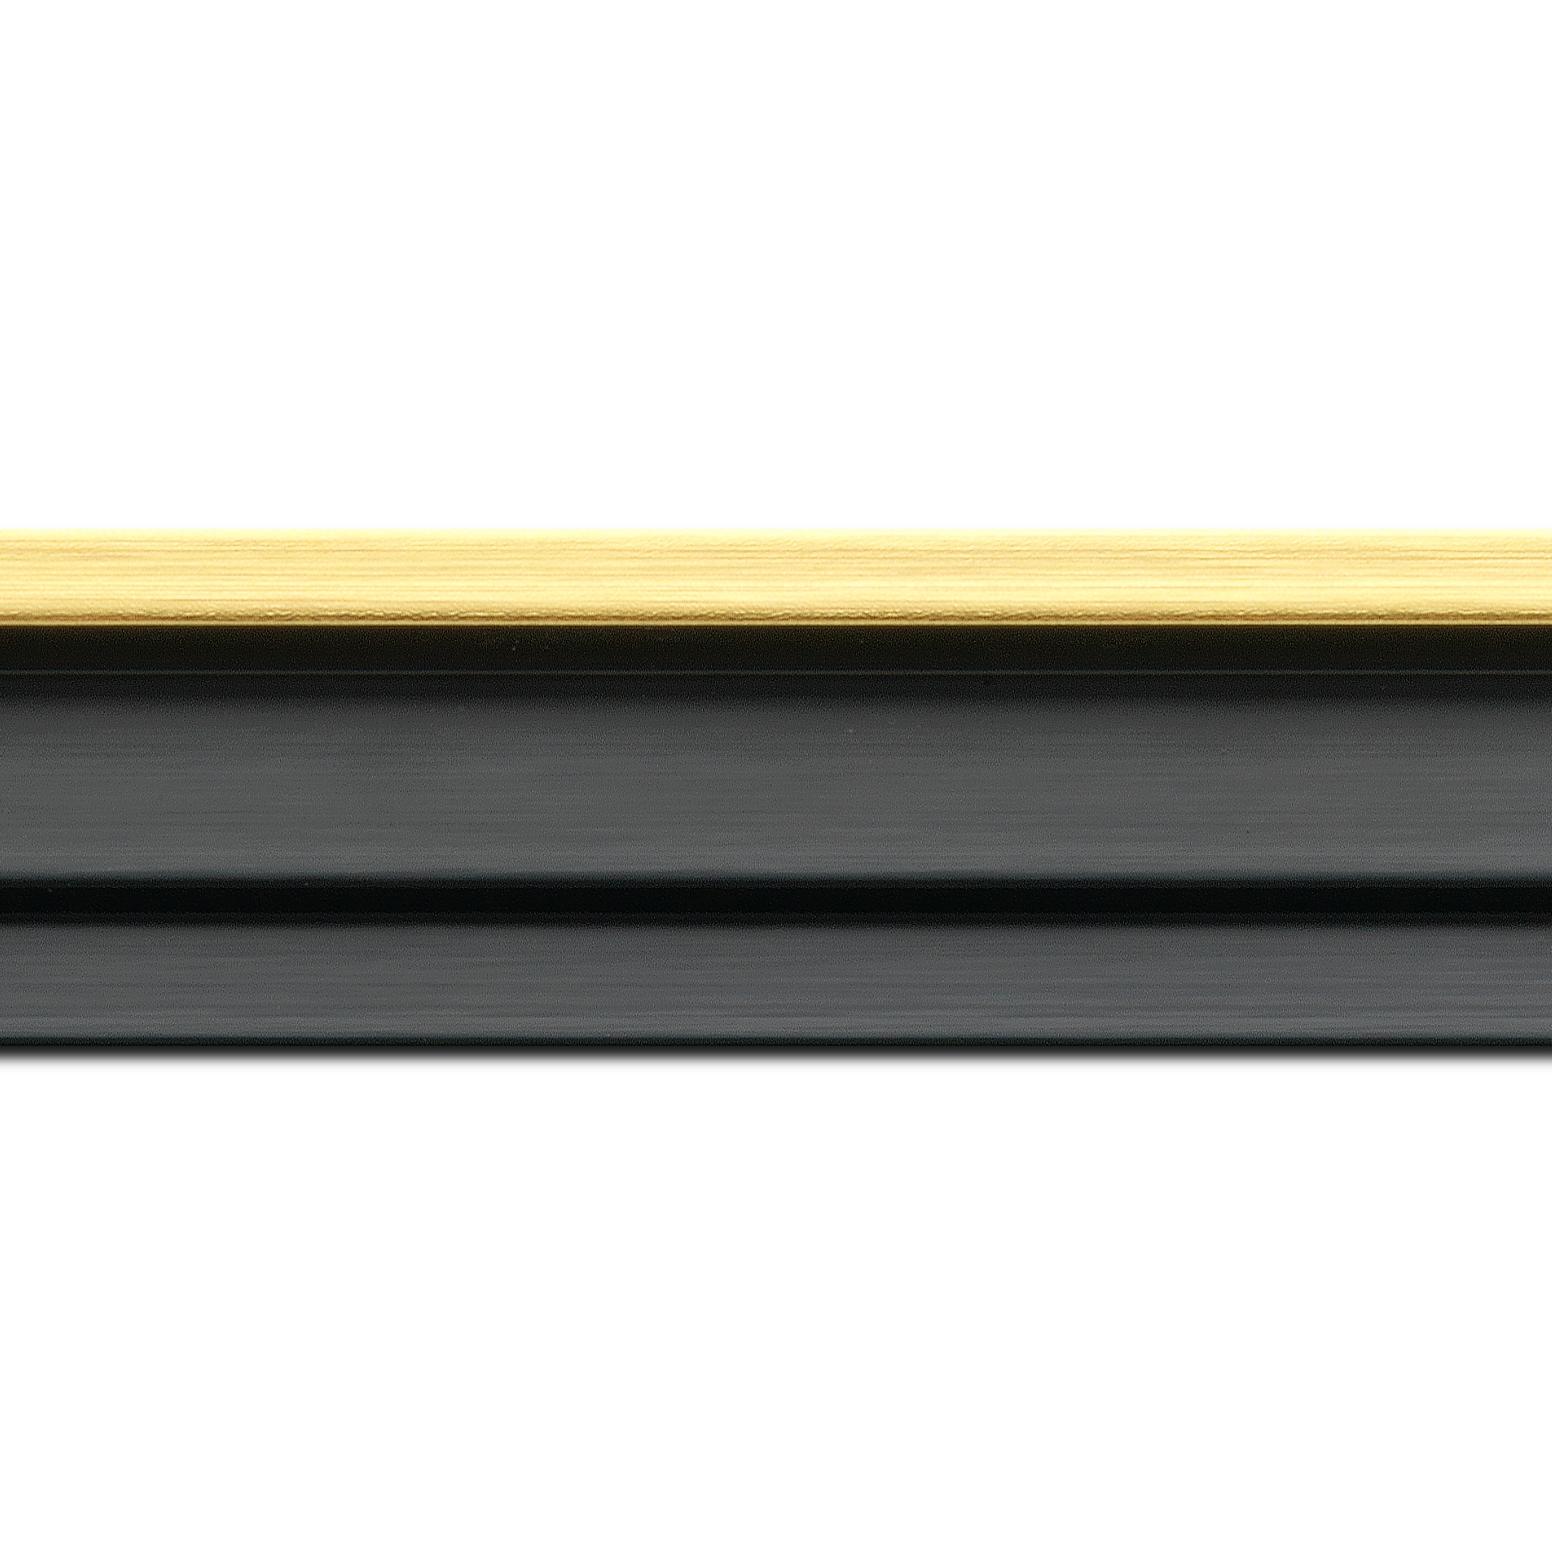 Pack par 12m, bois caisse américaine profil escalier largeur 4.5cm noir mat  filet or (spécialement conçu pour les châssis d'une épaisseur jusqu'à 2.5cm )(longueur baguette pouvant varier entre 2.40m et 3m selon arrivage des bois)